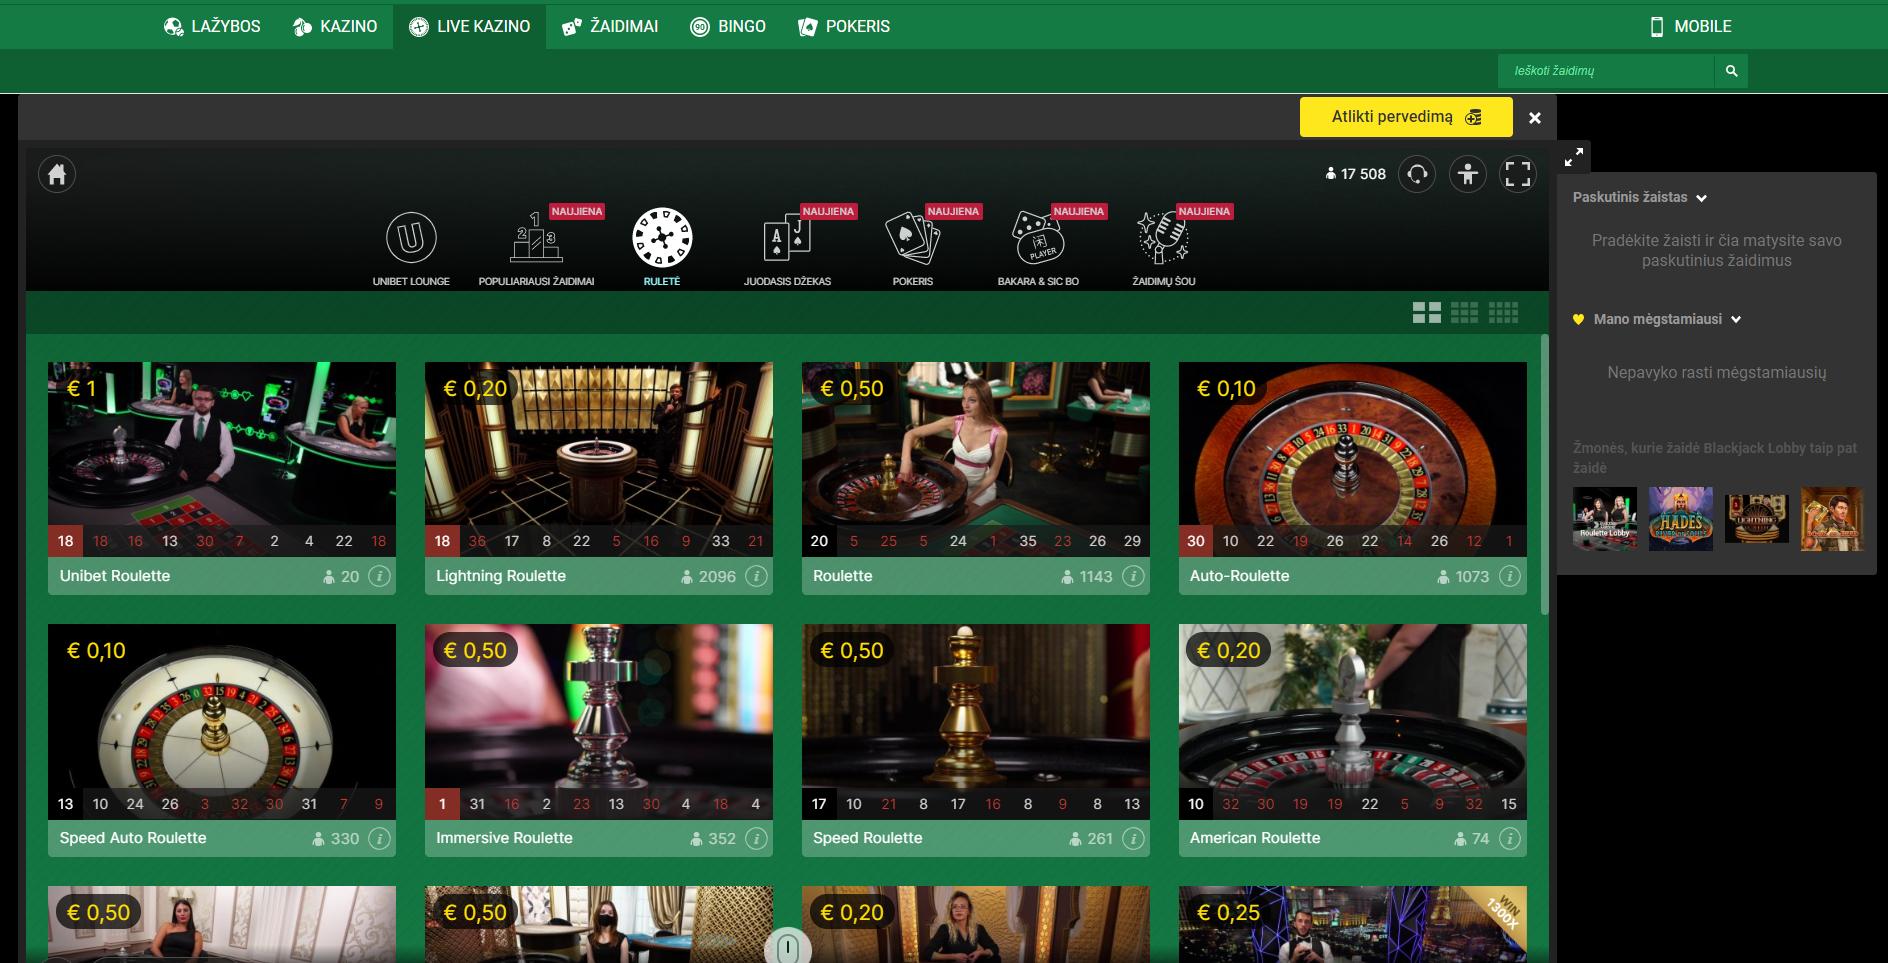 unibet roulette evolution gaming lightning roulette